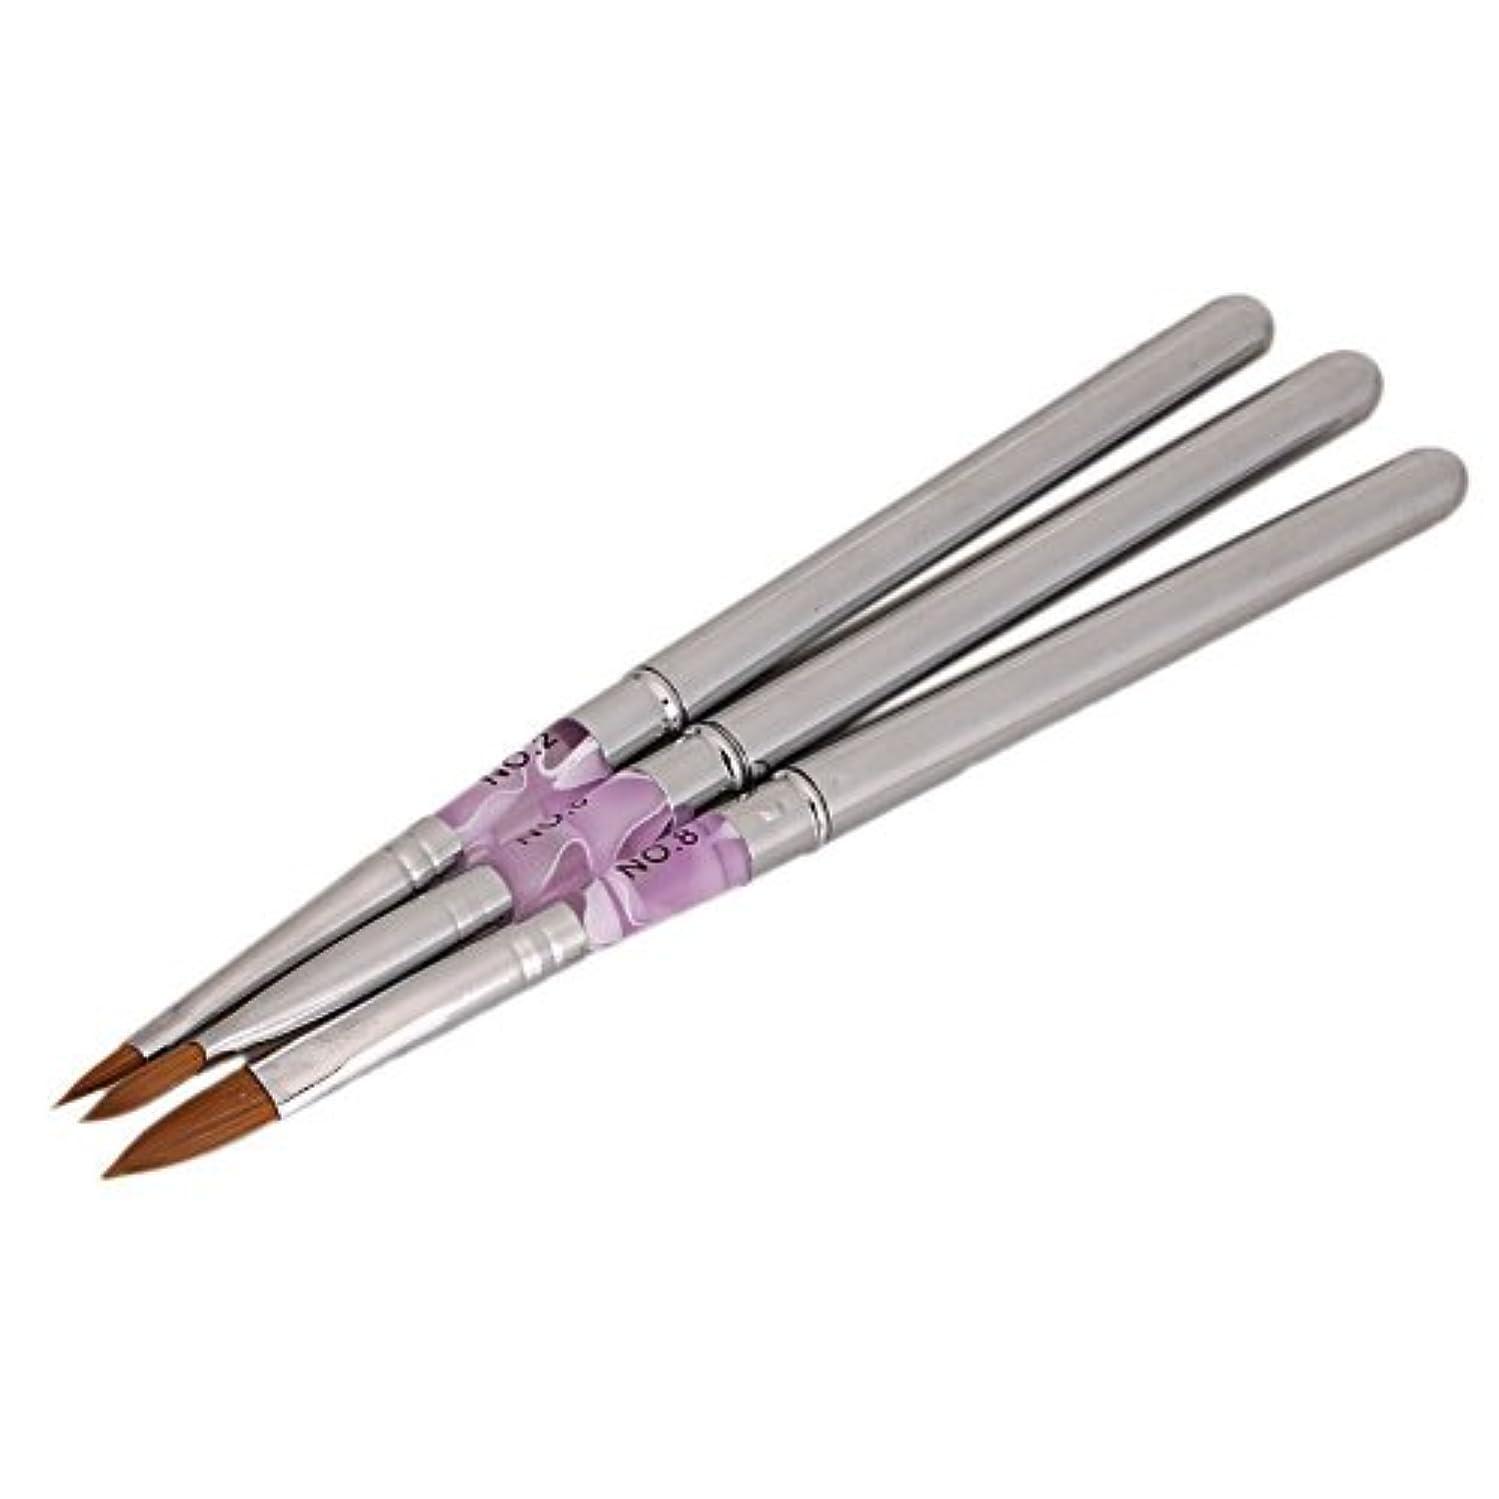 刺す重量雄弁なNrpfell 3枚マーブルセーブルアクリルのヒントネイルアートの絵画のブラシブラシ彫刻ペン取り外し可能サイズ #2 #6 #8